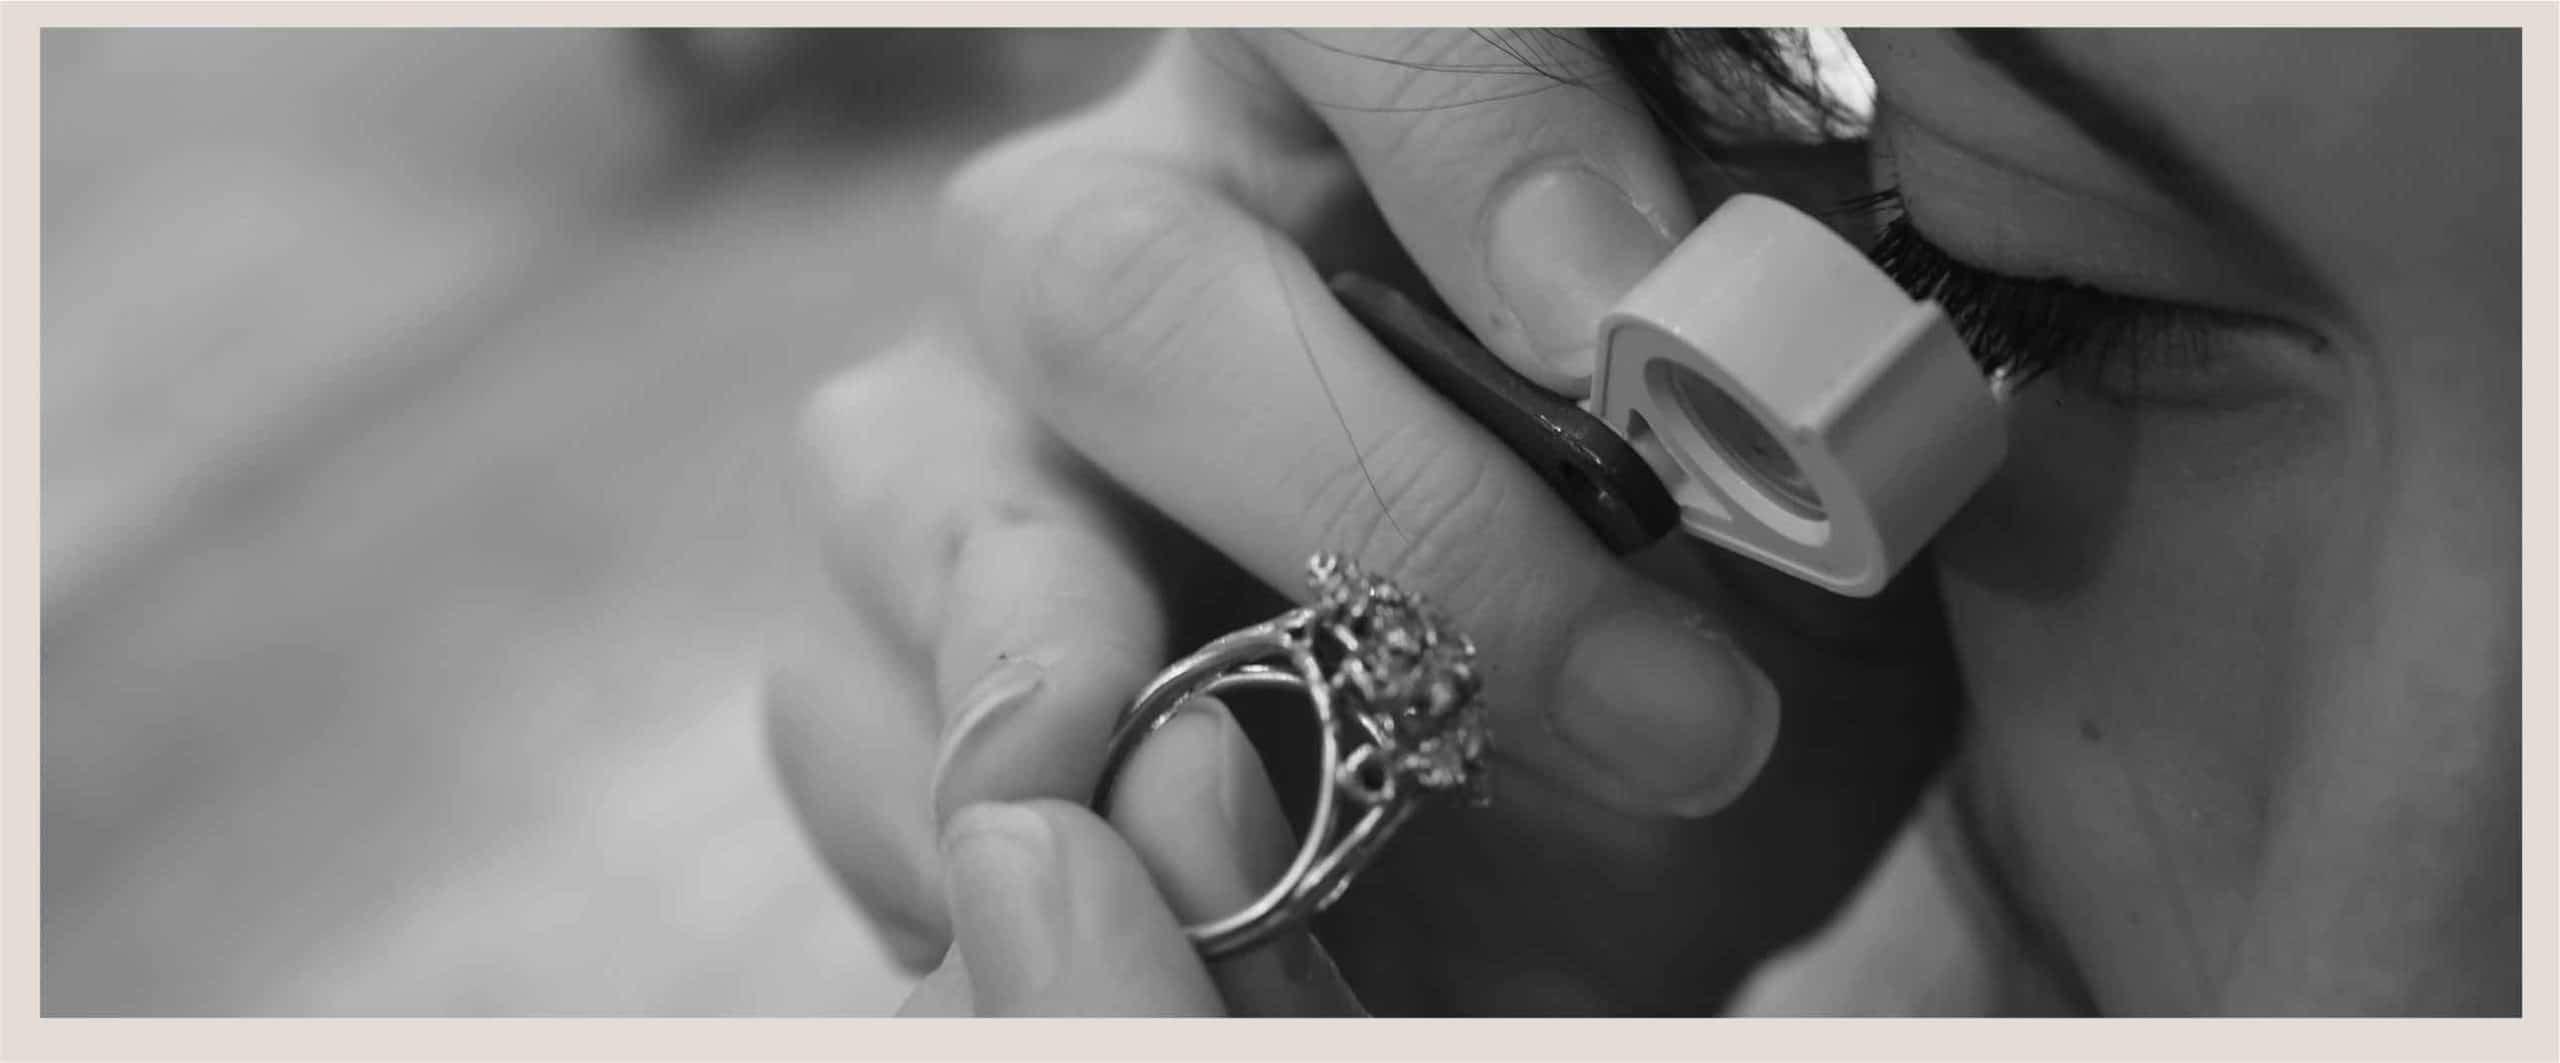 achat de diamants et bijoux anciens